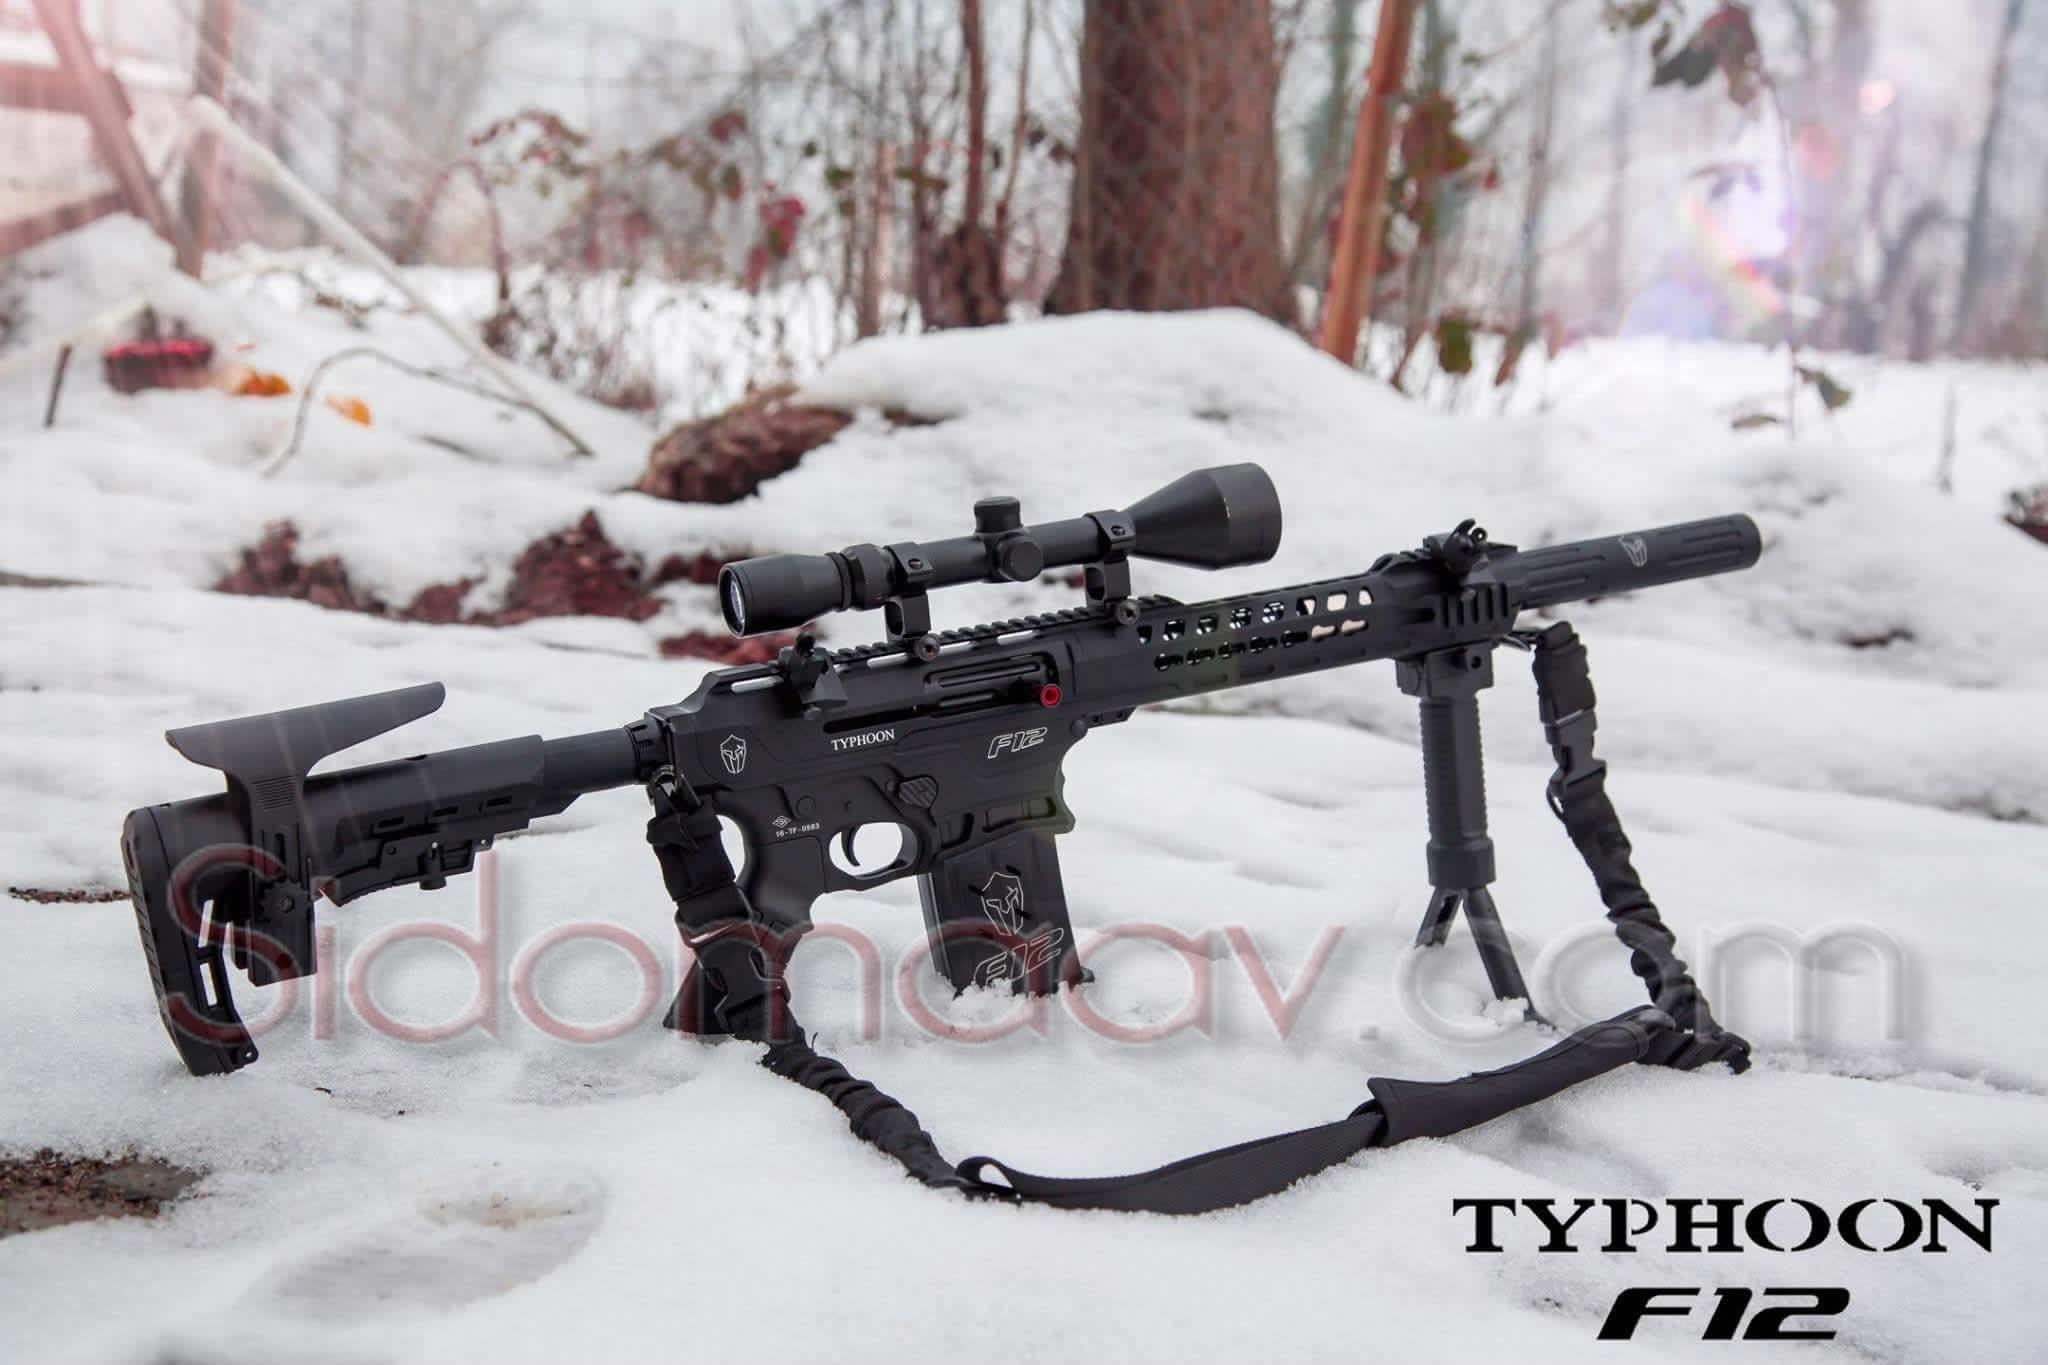 Typhoon F12 Av Tüfeği